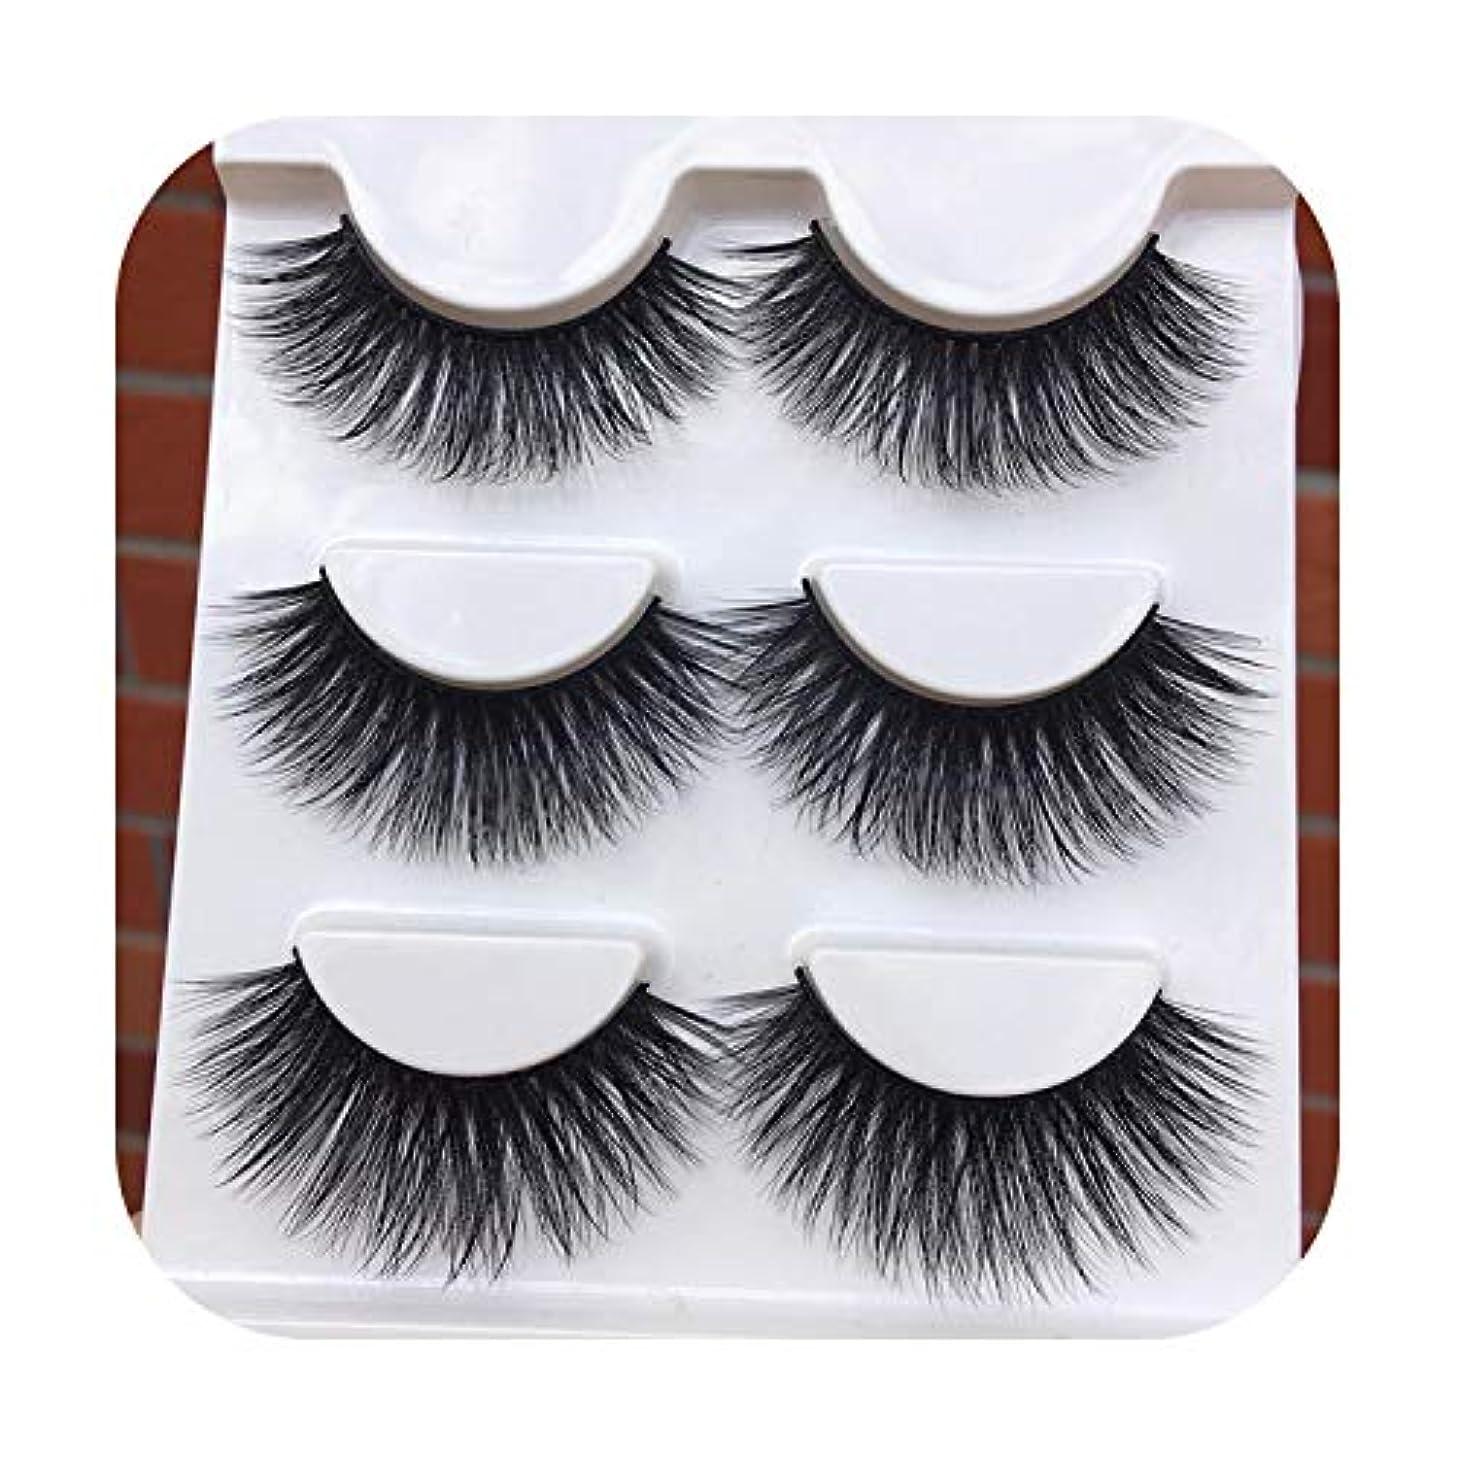 ショッキング平均確認する新しい黒の誇張された3 Dつけまつげ柔らかい綿ステッチ高品質繊維偽まつげクロス乱雑な化粧アイまつげ,1 box 3 pairs